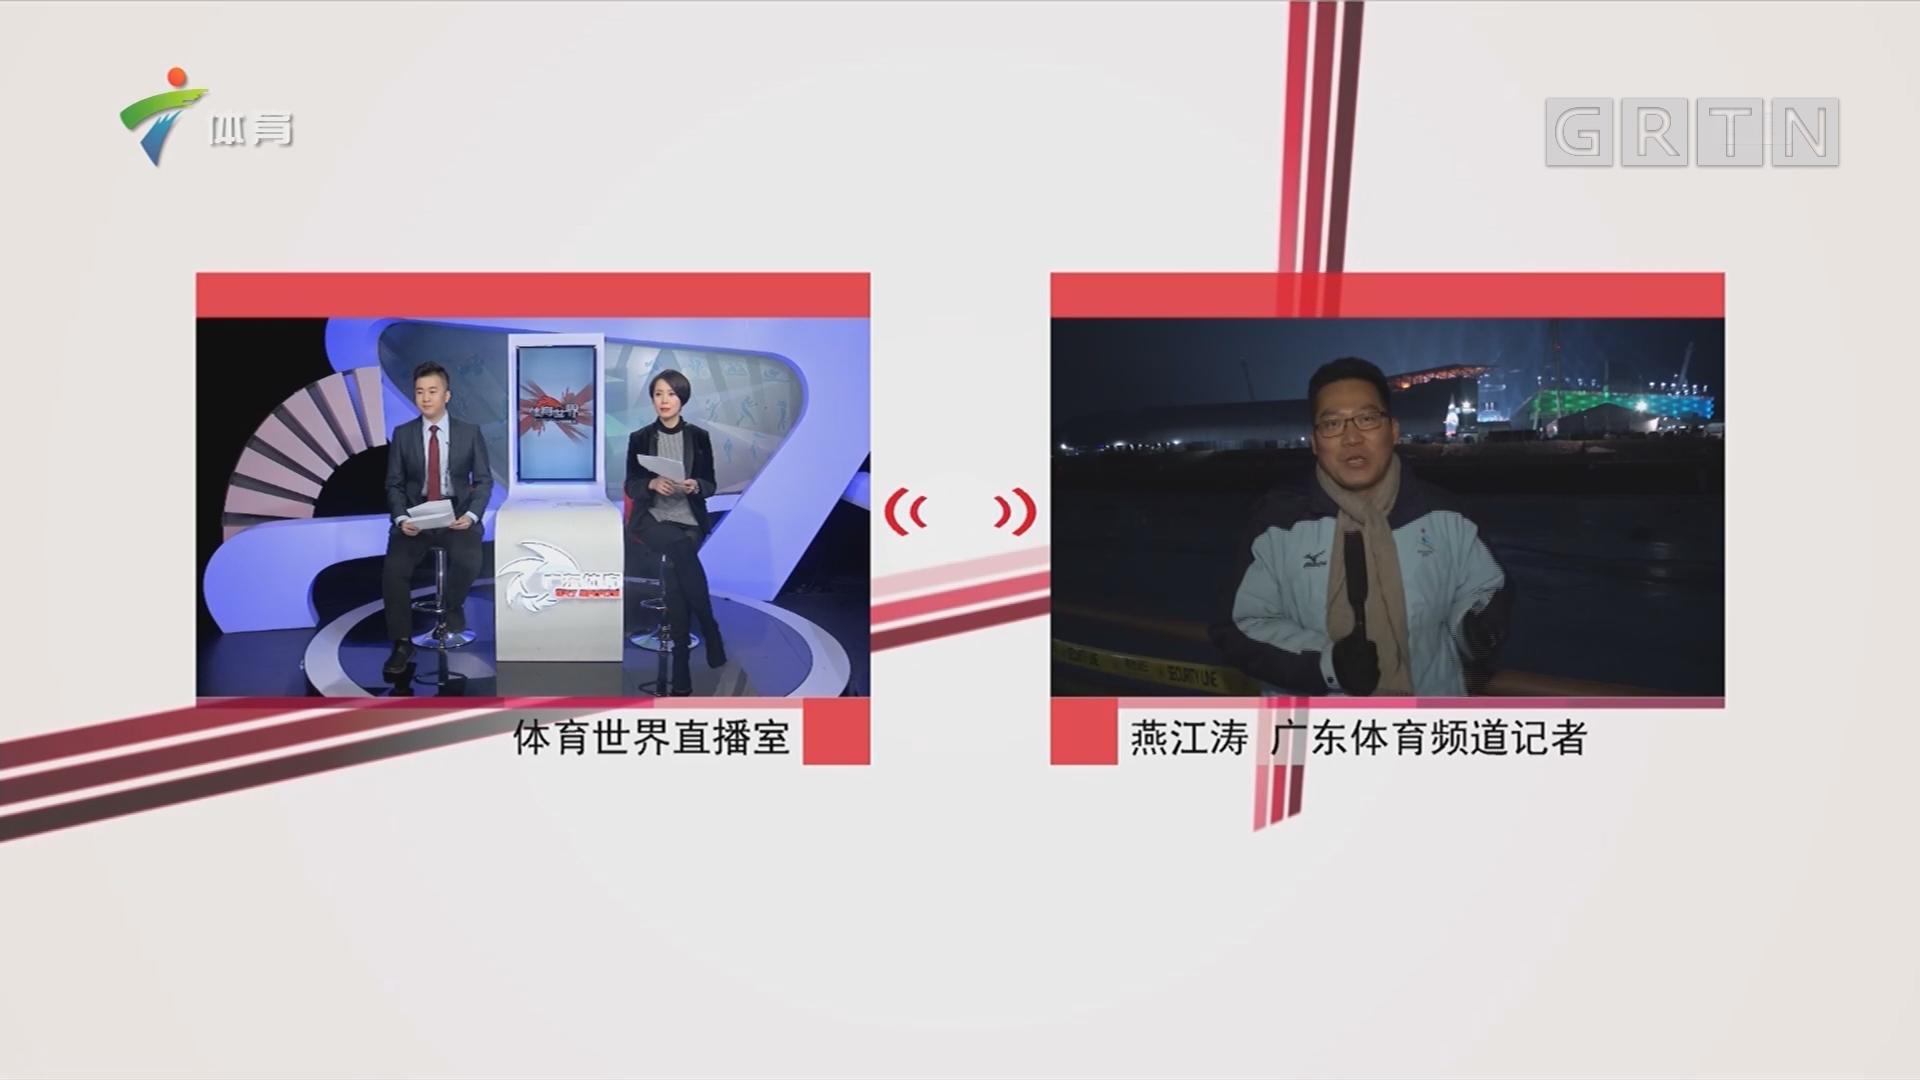 平昌冬奥会开幕 记者现场报道